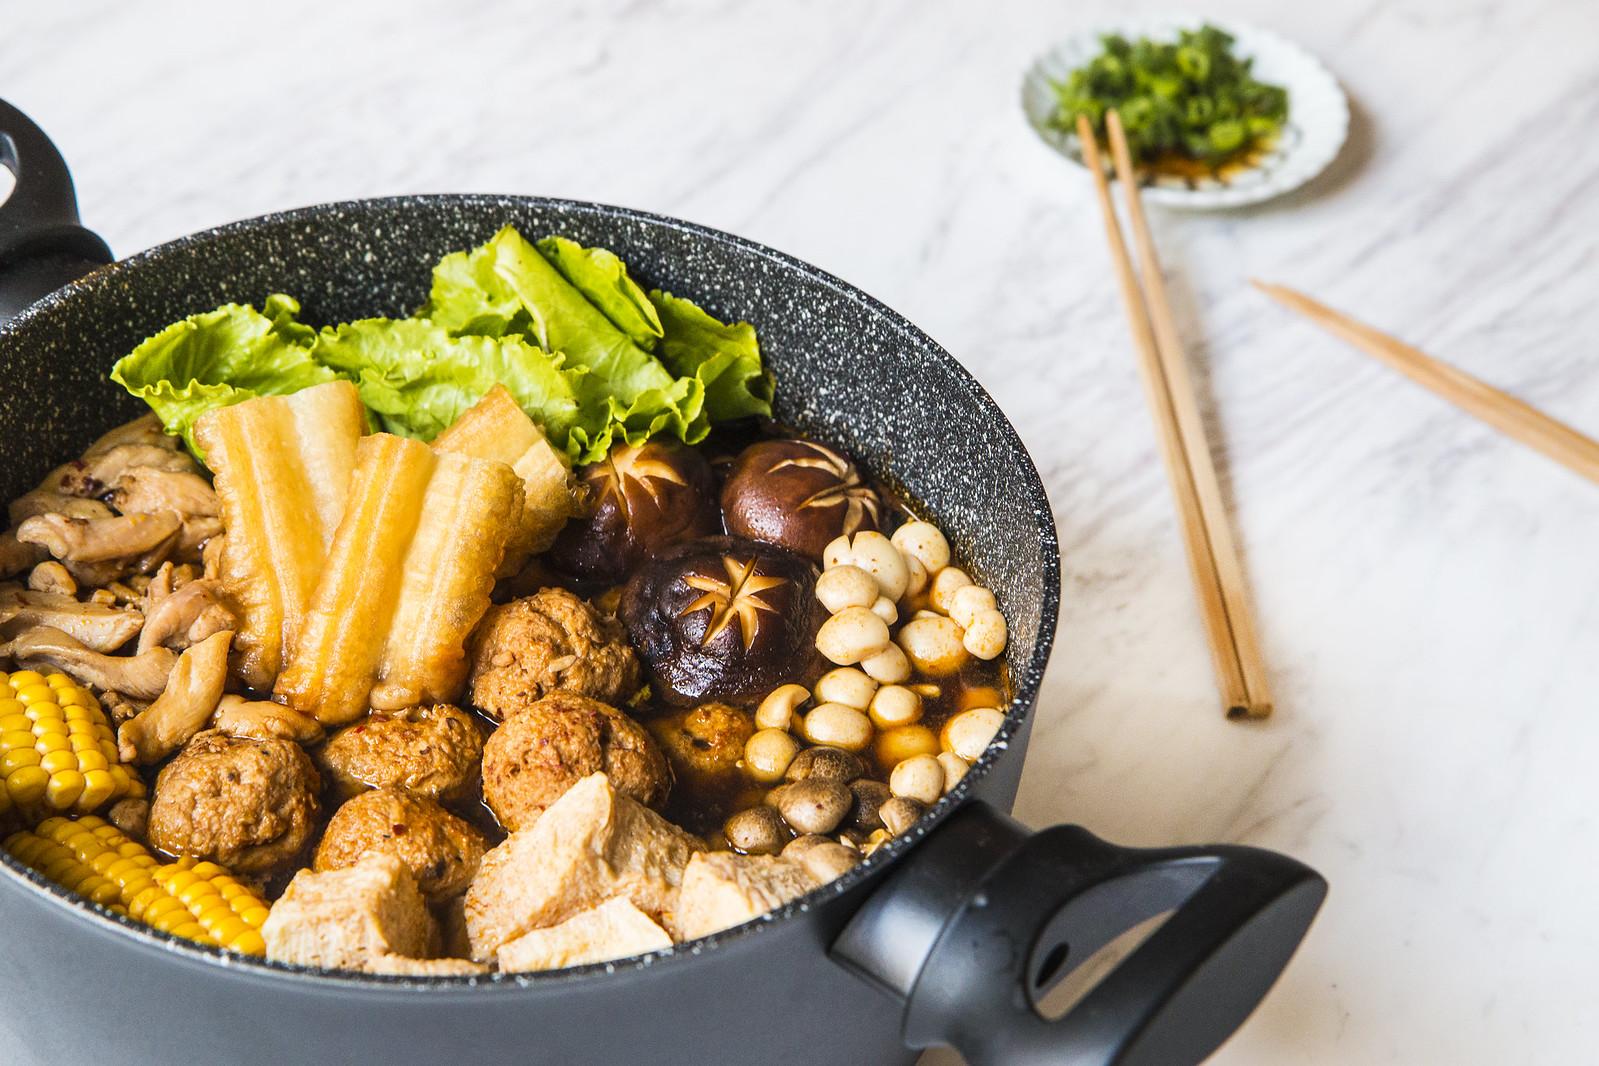 【magimix】肉類料理意喻「團團圓圓」,親手製作健康更安心